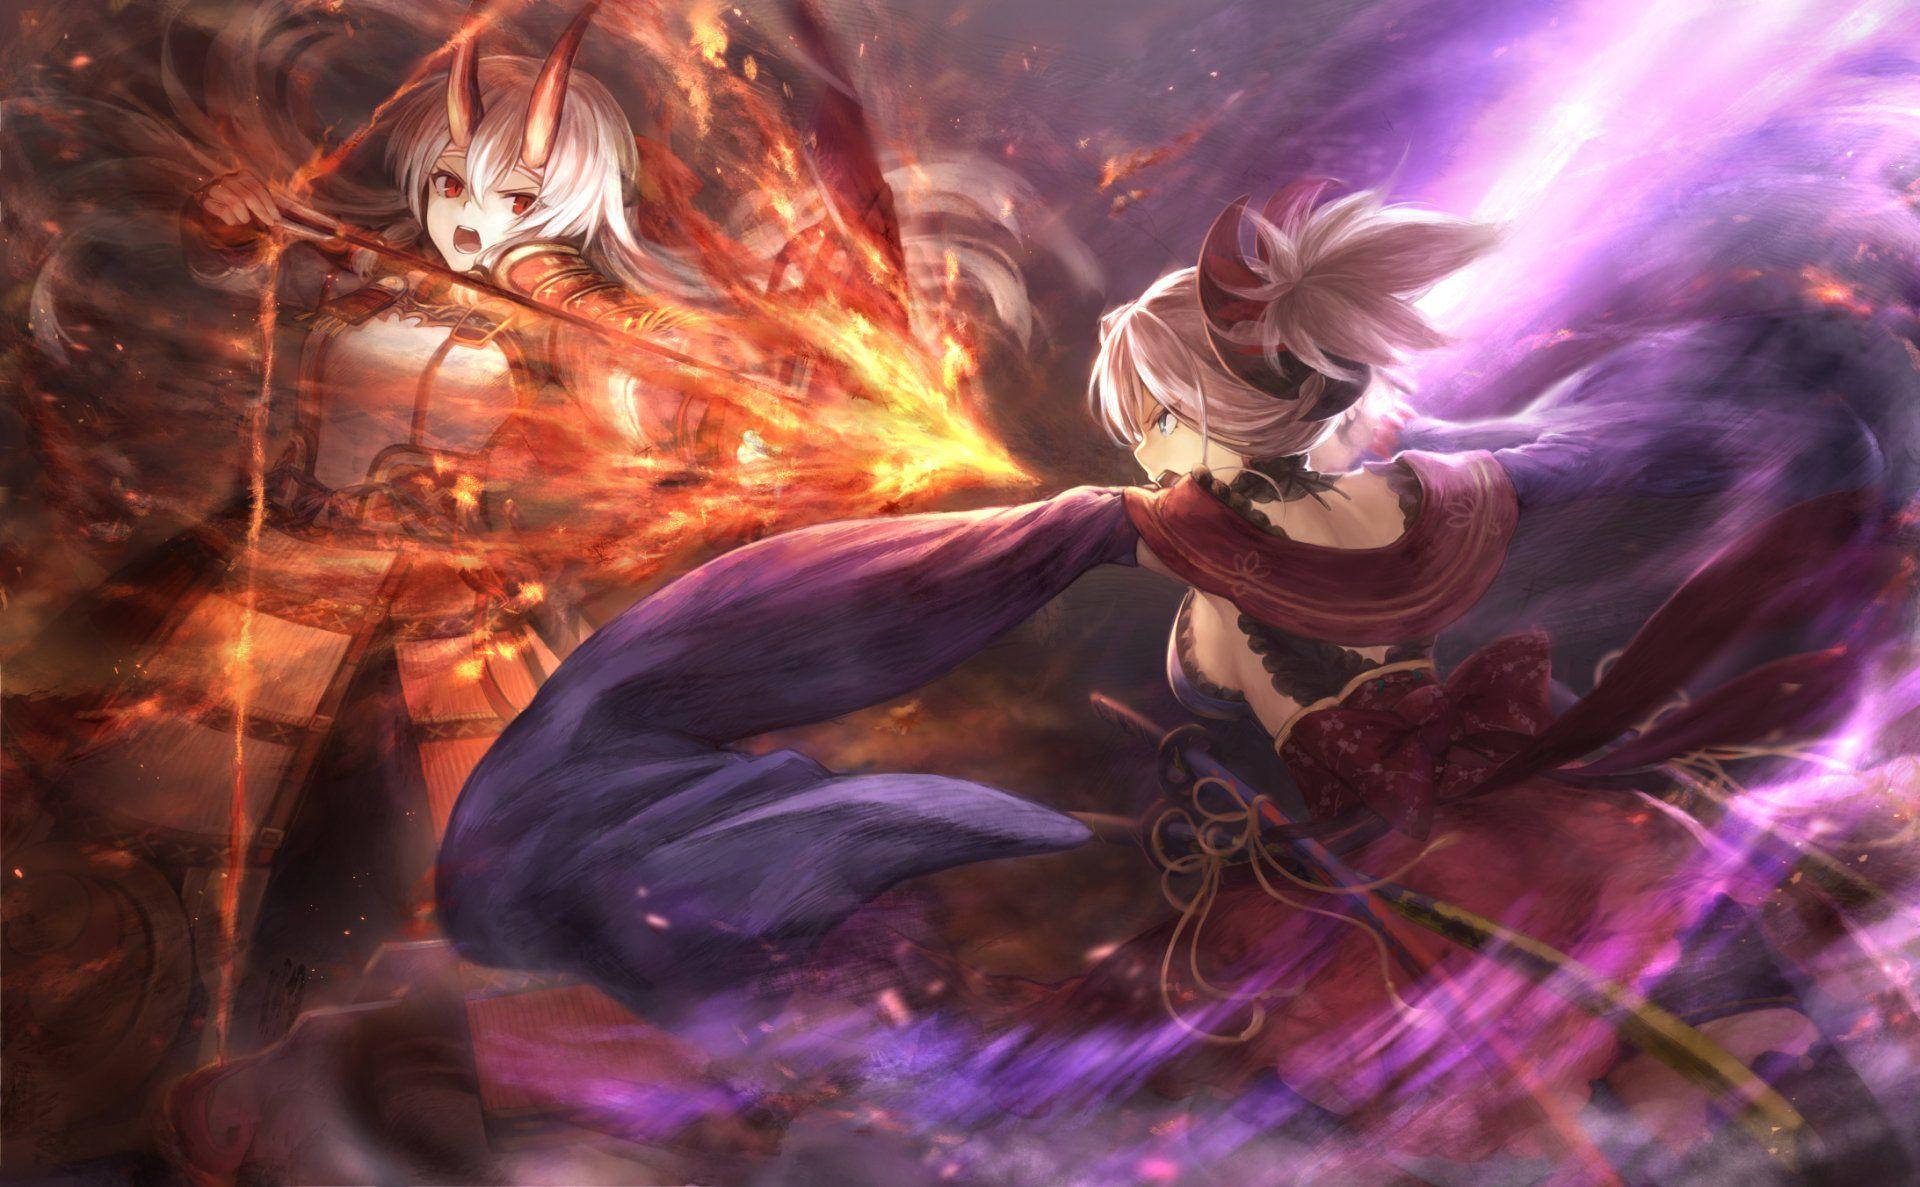 Anime Fate Grand Order Tomoe Gozen Fate Grand Order Miyamoto Musashi Wallpaper Miyamoto Musashi Musashi Anime Fate grand order wallpaper